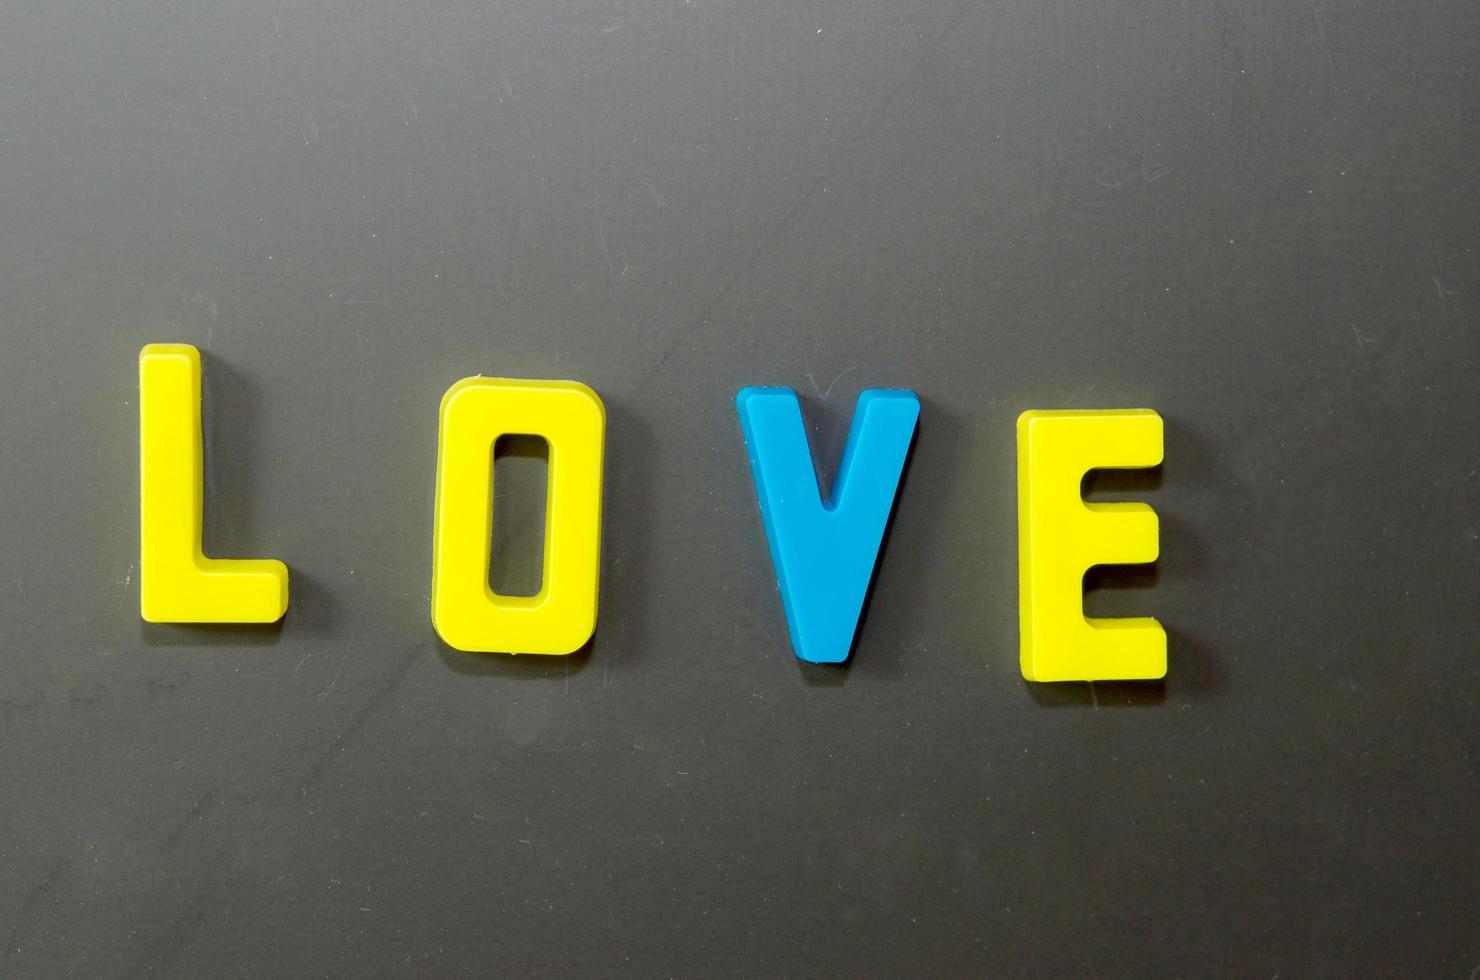 kärleksbrev på grå bakgrund foto